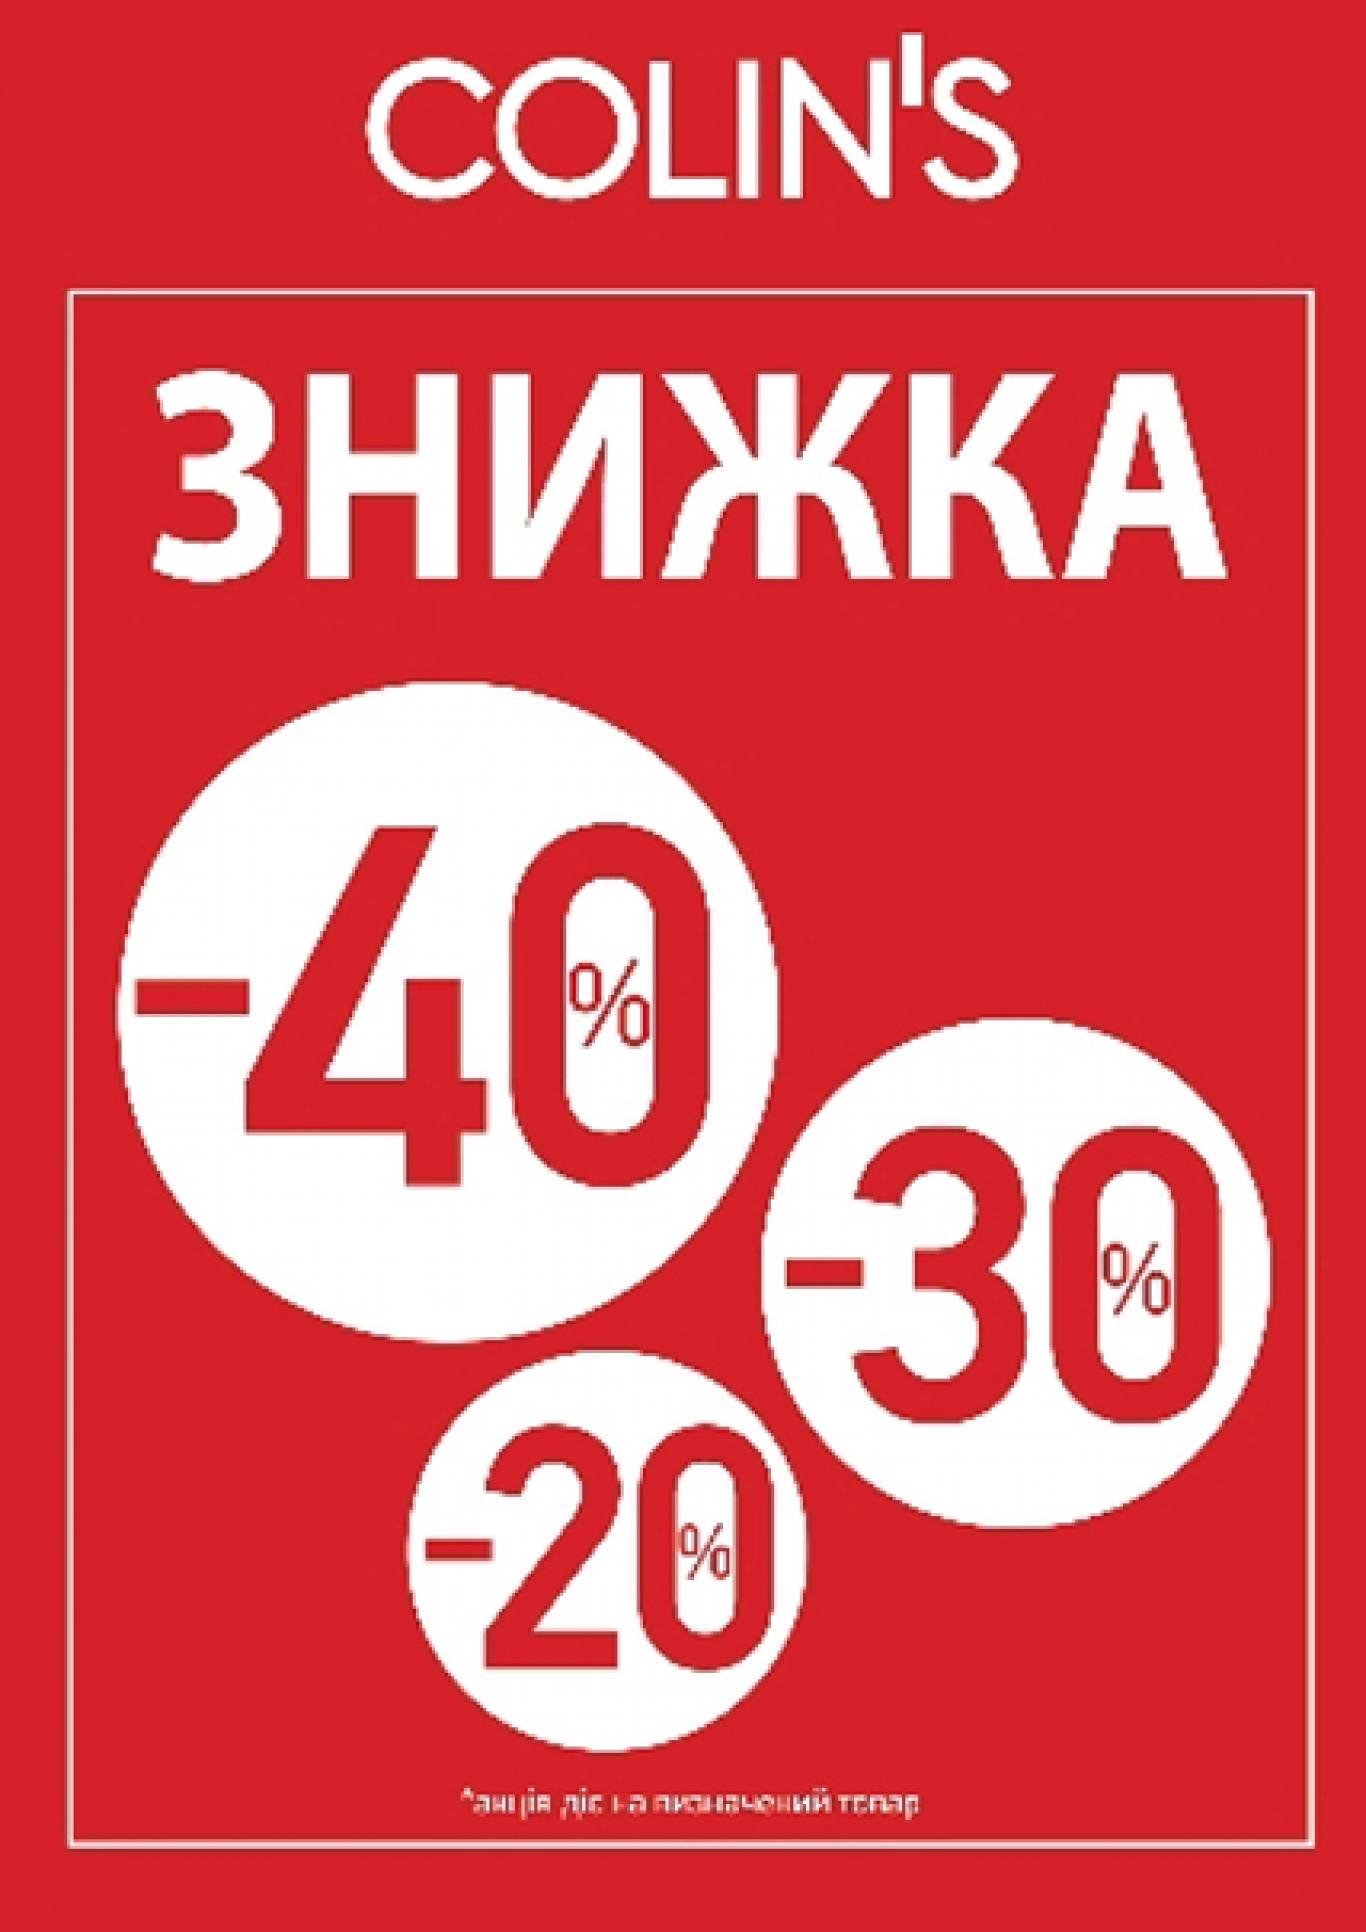 АКЦІЯ В COLIN'S: фіксовані знижки -40%, -30%, -20%!